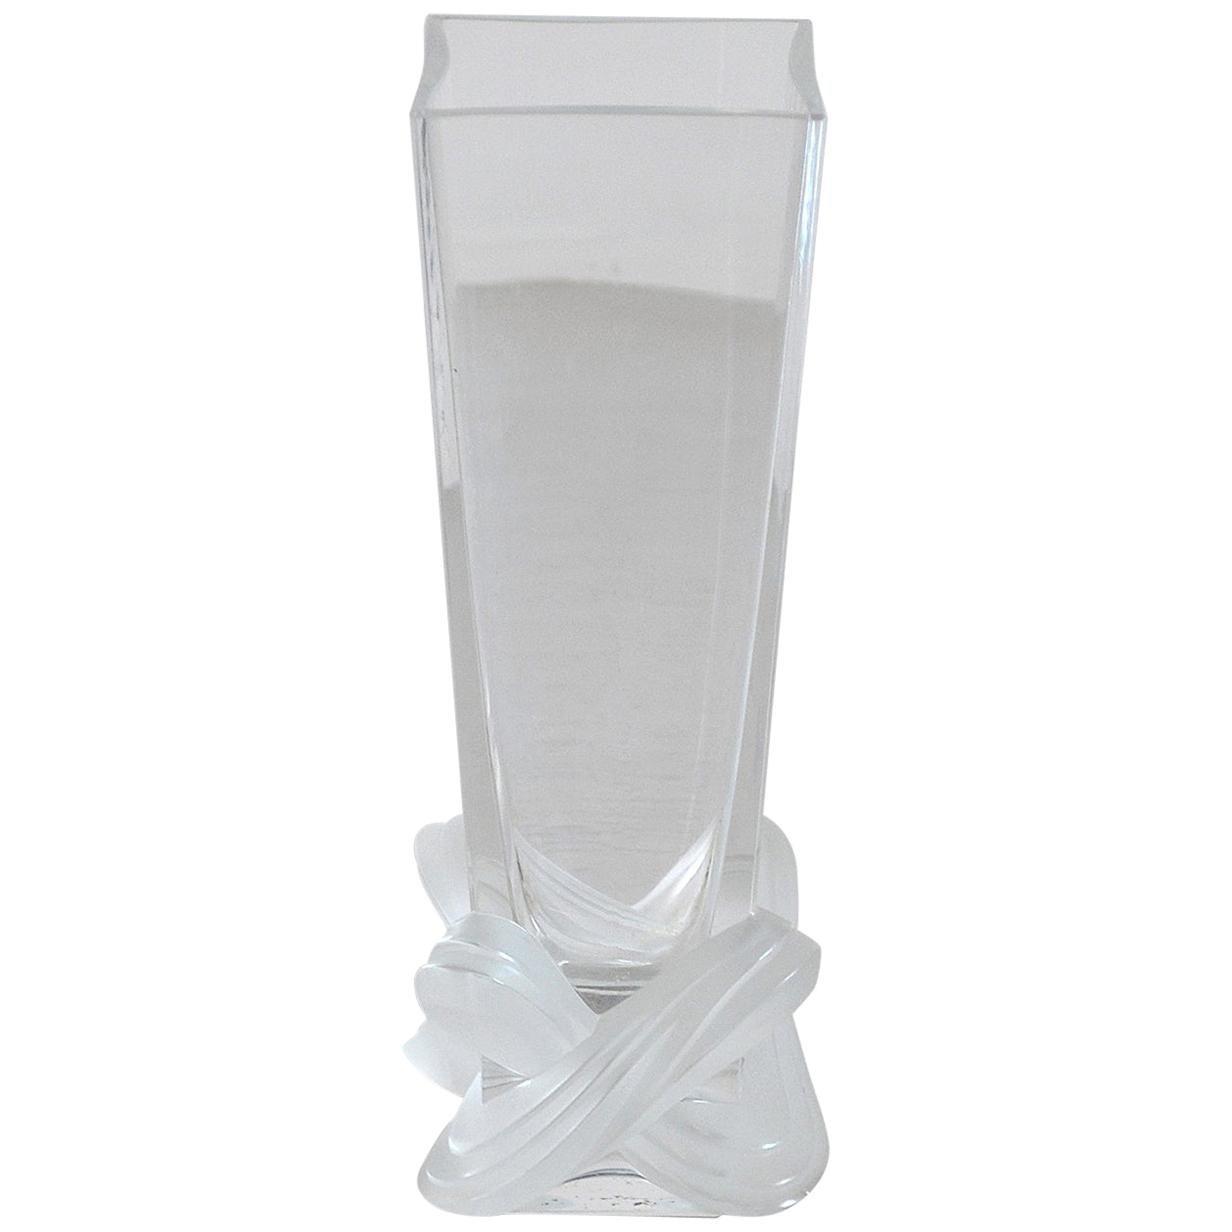 Lalique France Crystal Vase, Lucca Model